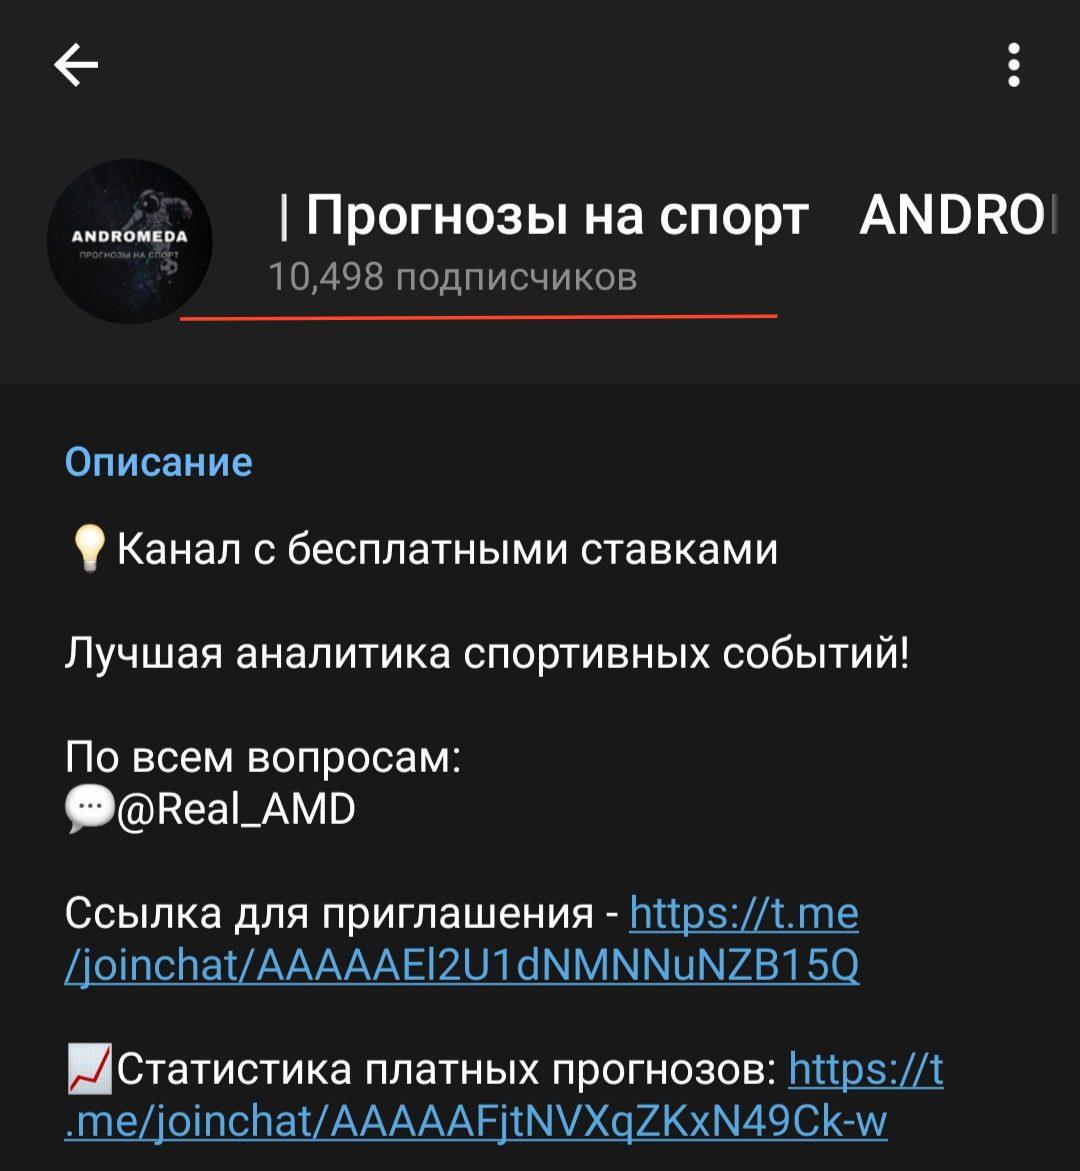 Подписчики Телеграмм канала Андромеда | Прогнозы на спорт